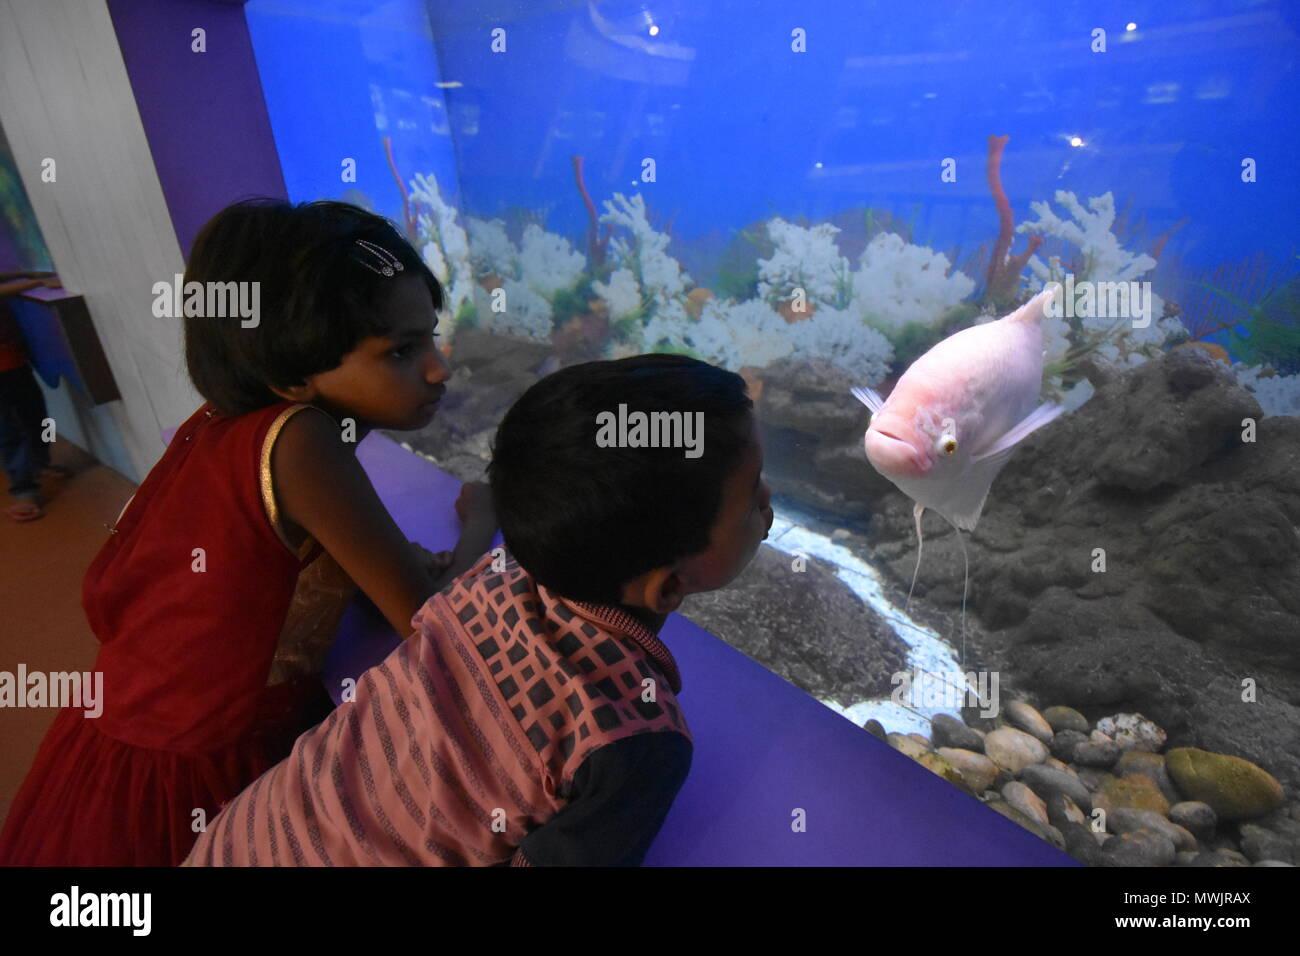 Fish Museums Stock Photos & Fish Museums Stock Images - Alamy